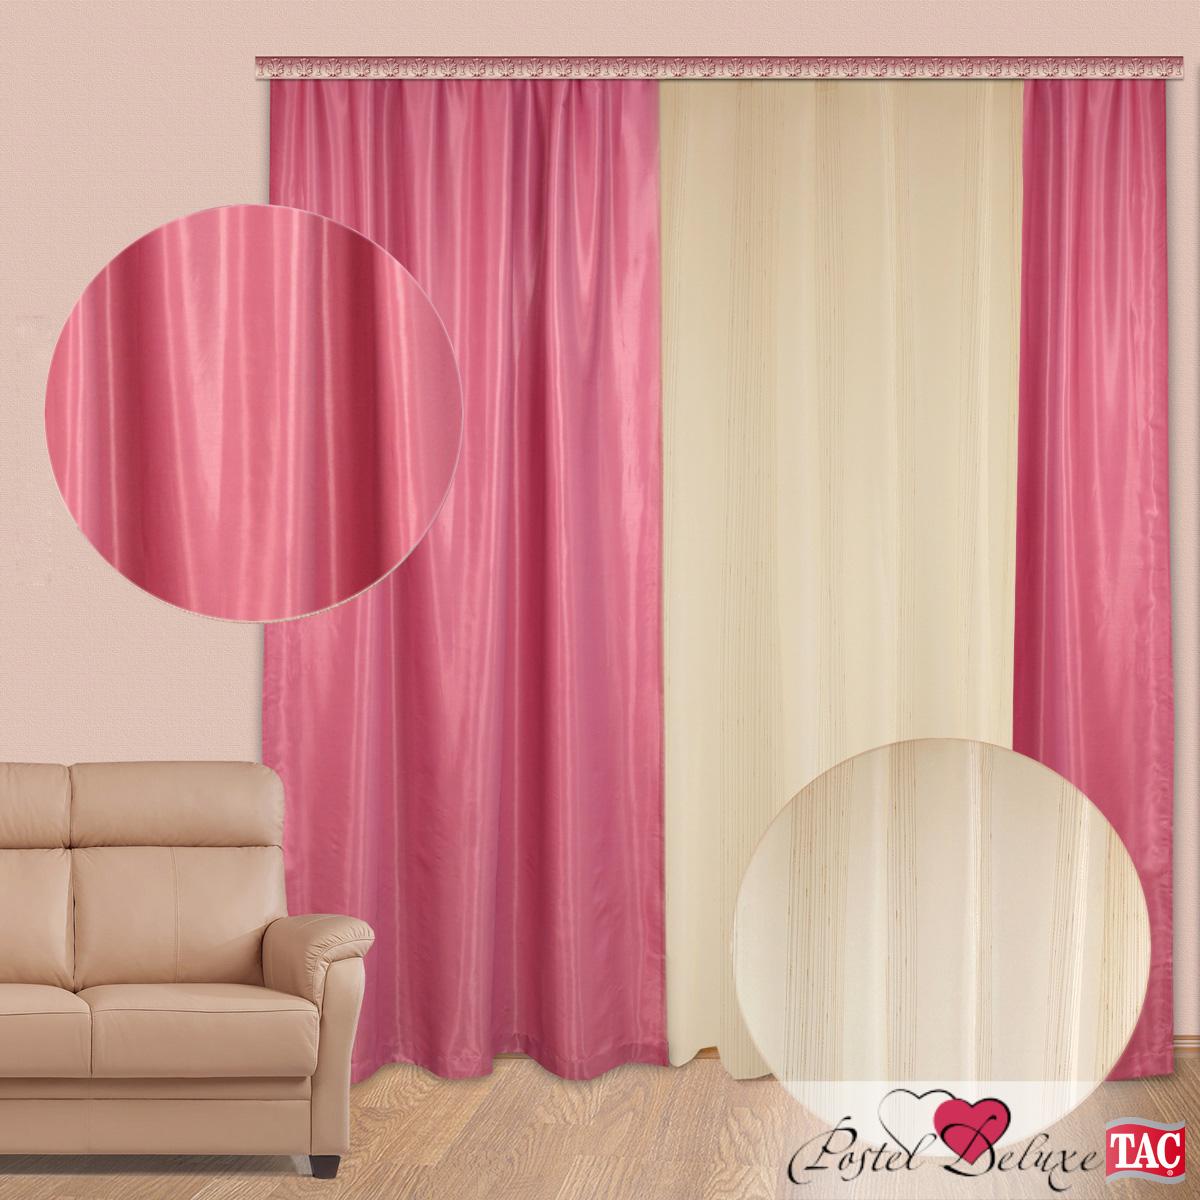 Шторы TAC Классические шторы Глянец Цвет портьер: Розовый, Цвет тюля: Белый с бежевой полоской шторы tac классические шторы winx цвет персиковый 200x265 см